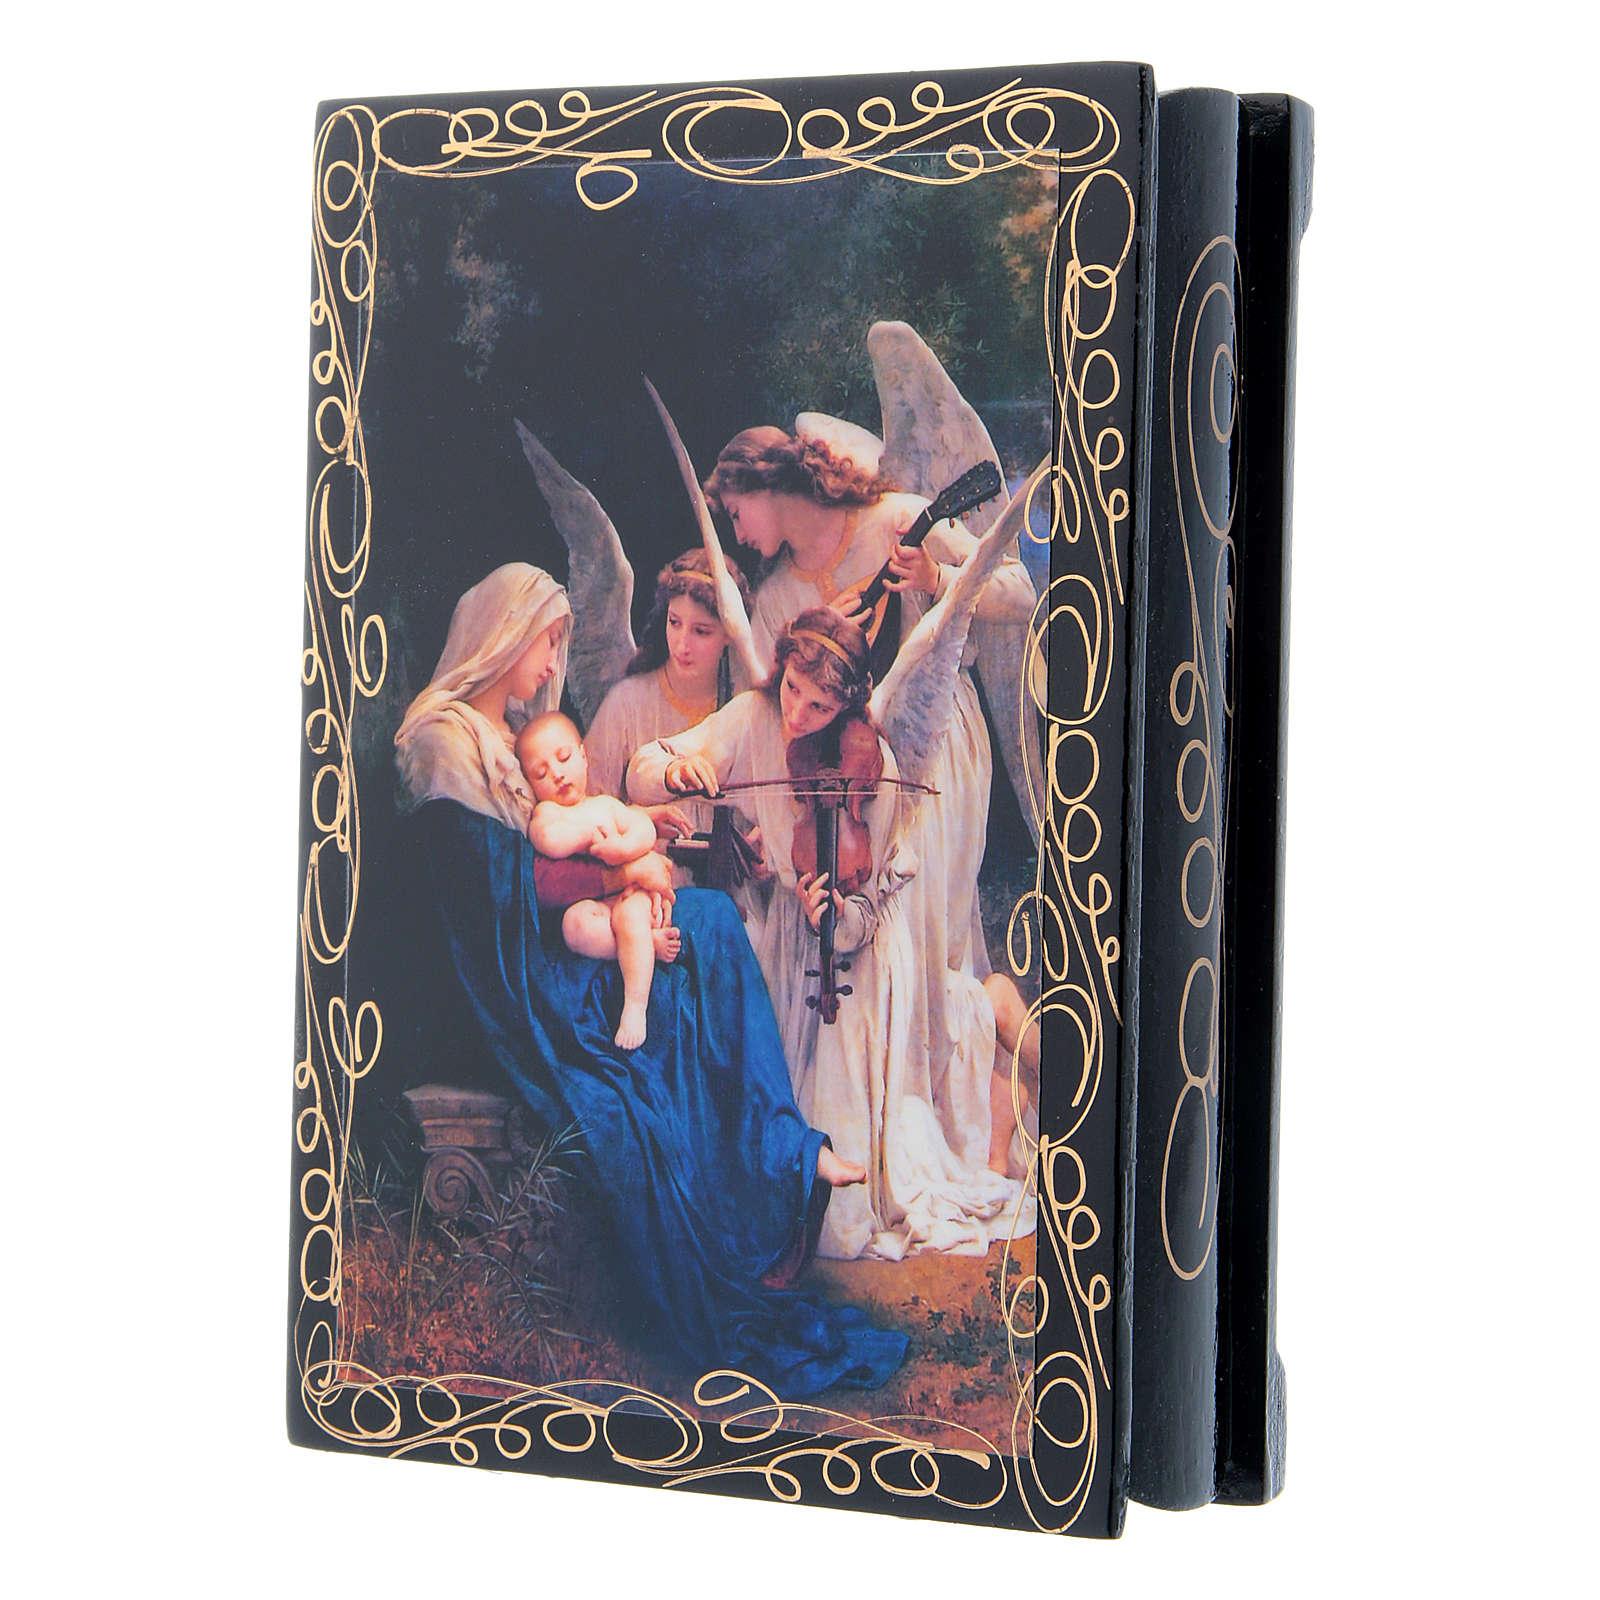 Scatoletta russa cartapesta Il Canto degli Angeli 14X10 cm 4